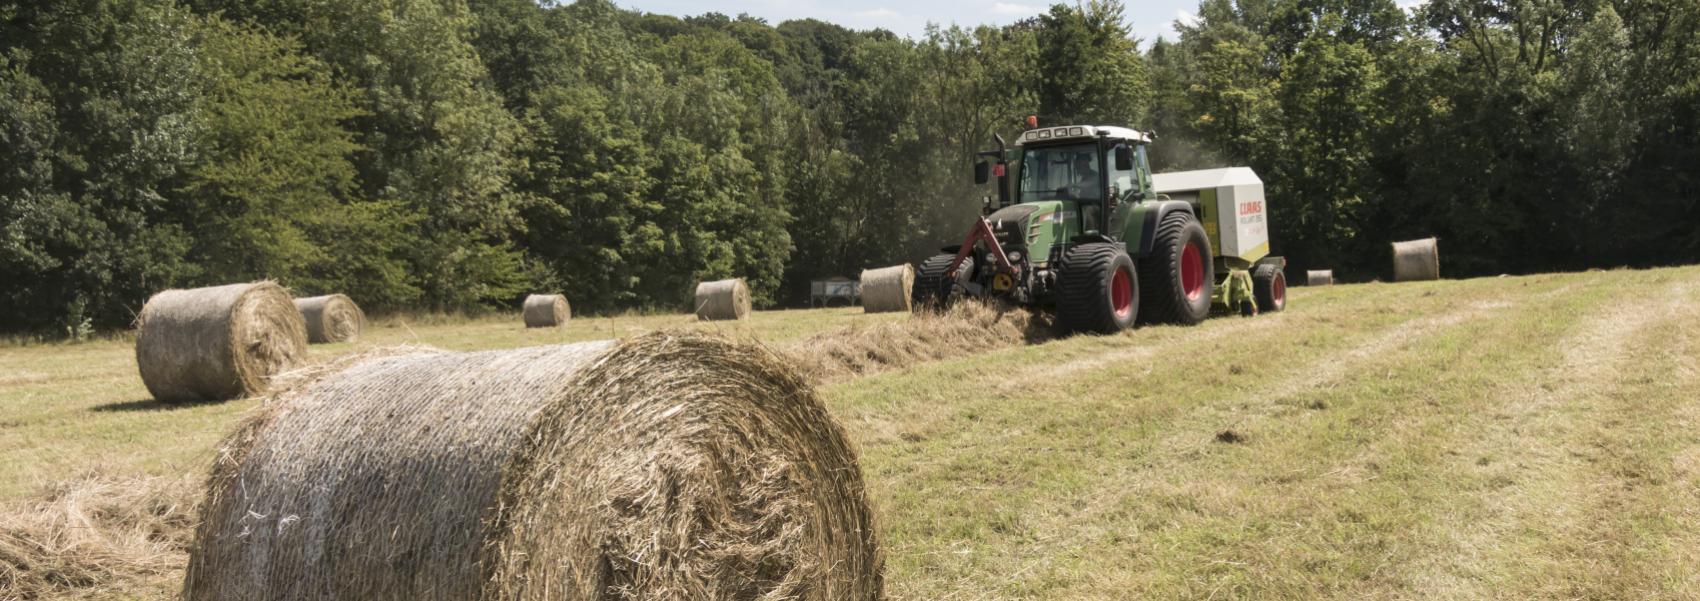 traktor met op de voorgrond een ronde ballo hooi